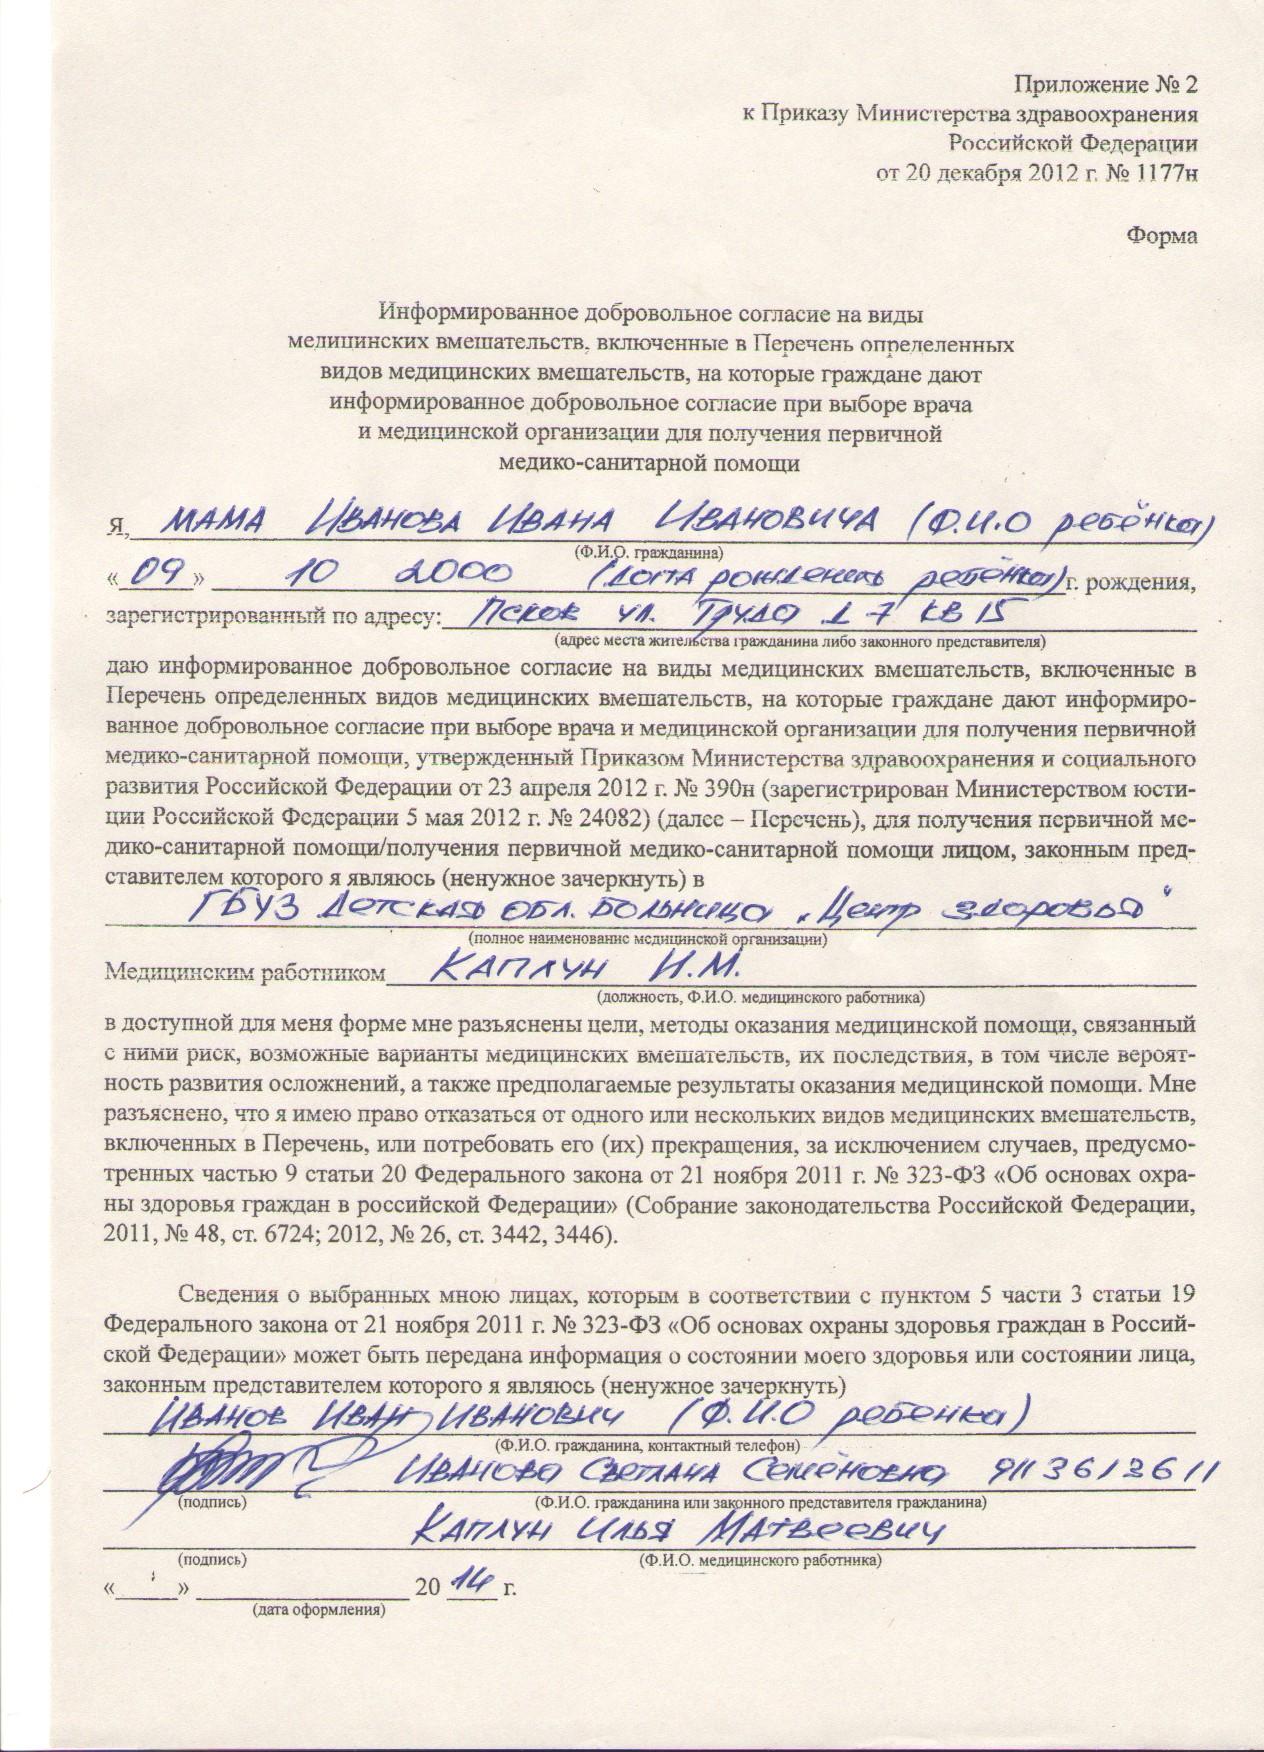 Приказу министерства здравоохранения рф от 20.12.2012 1177н